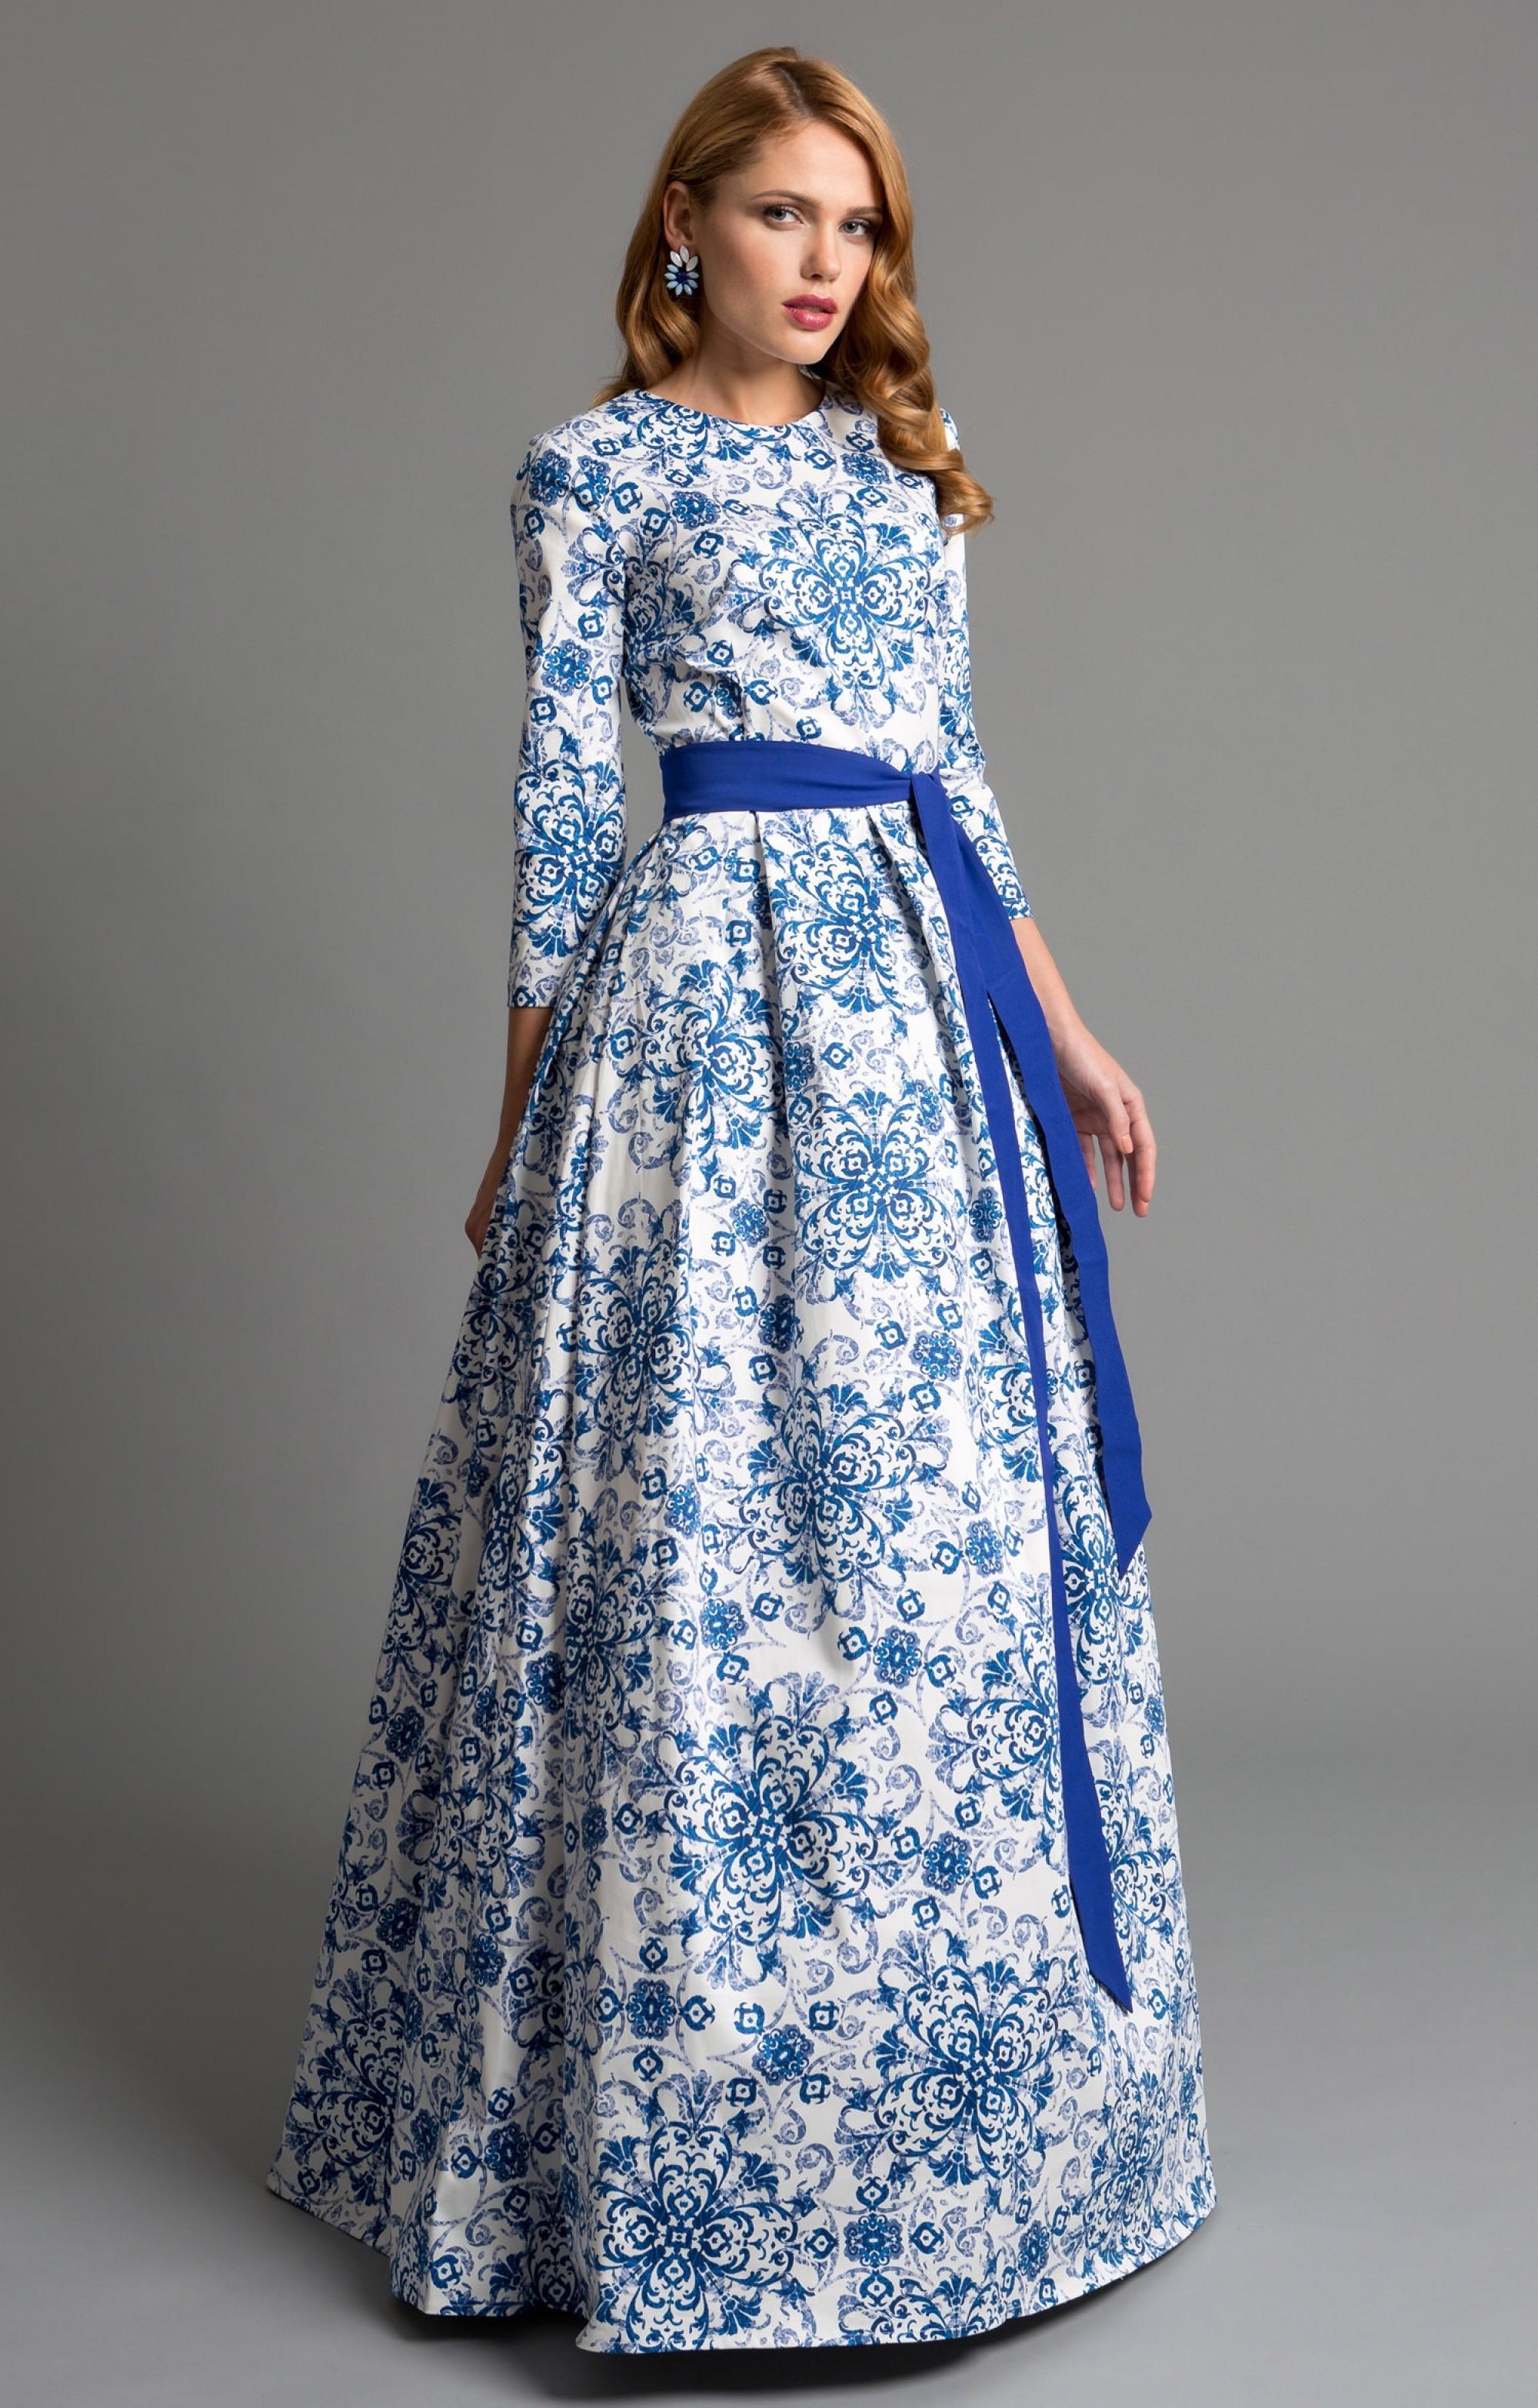 Designer Fantastisch Abendkleid Blau StylishDesigner Kreativ Abendkleid Blau für 2019